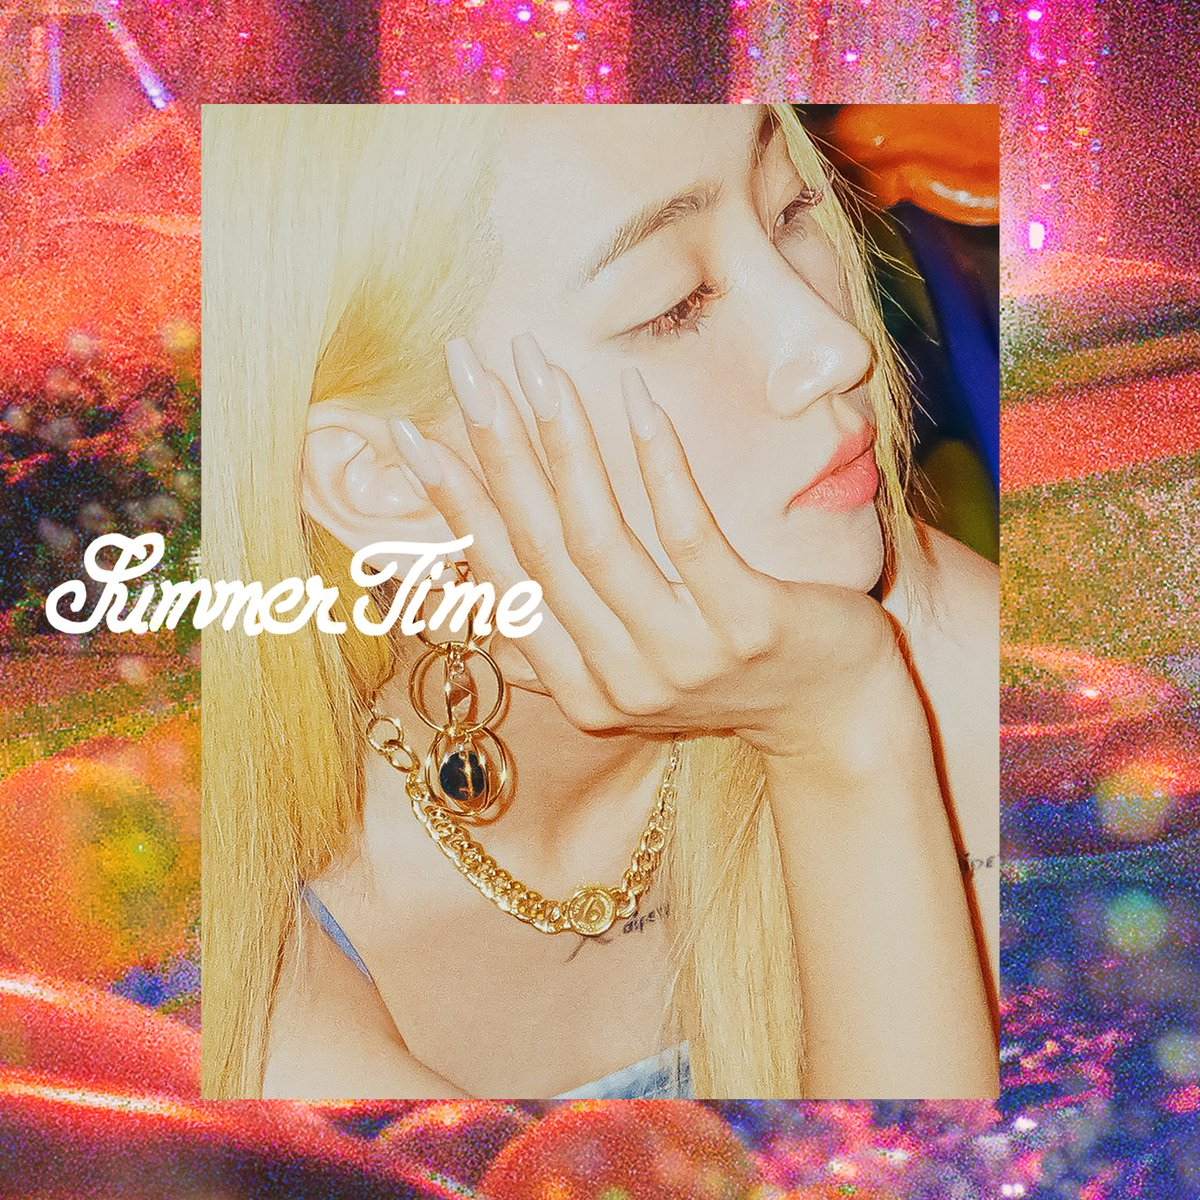 핫펠트 (HA:TFELT) - Summertime